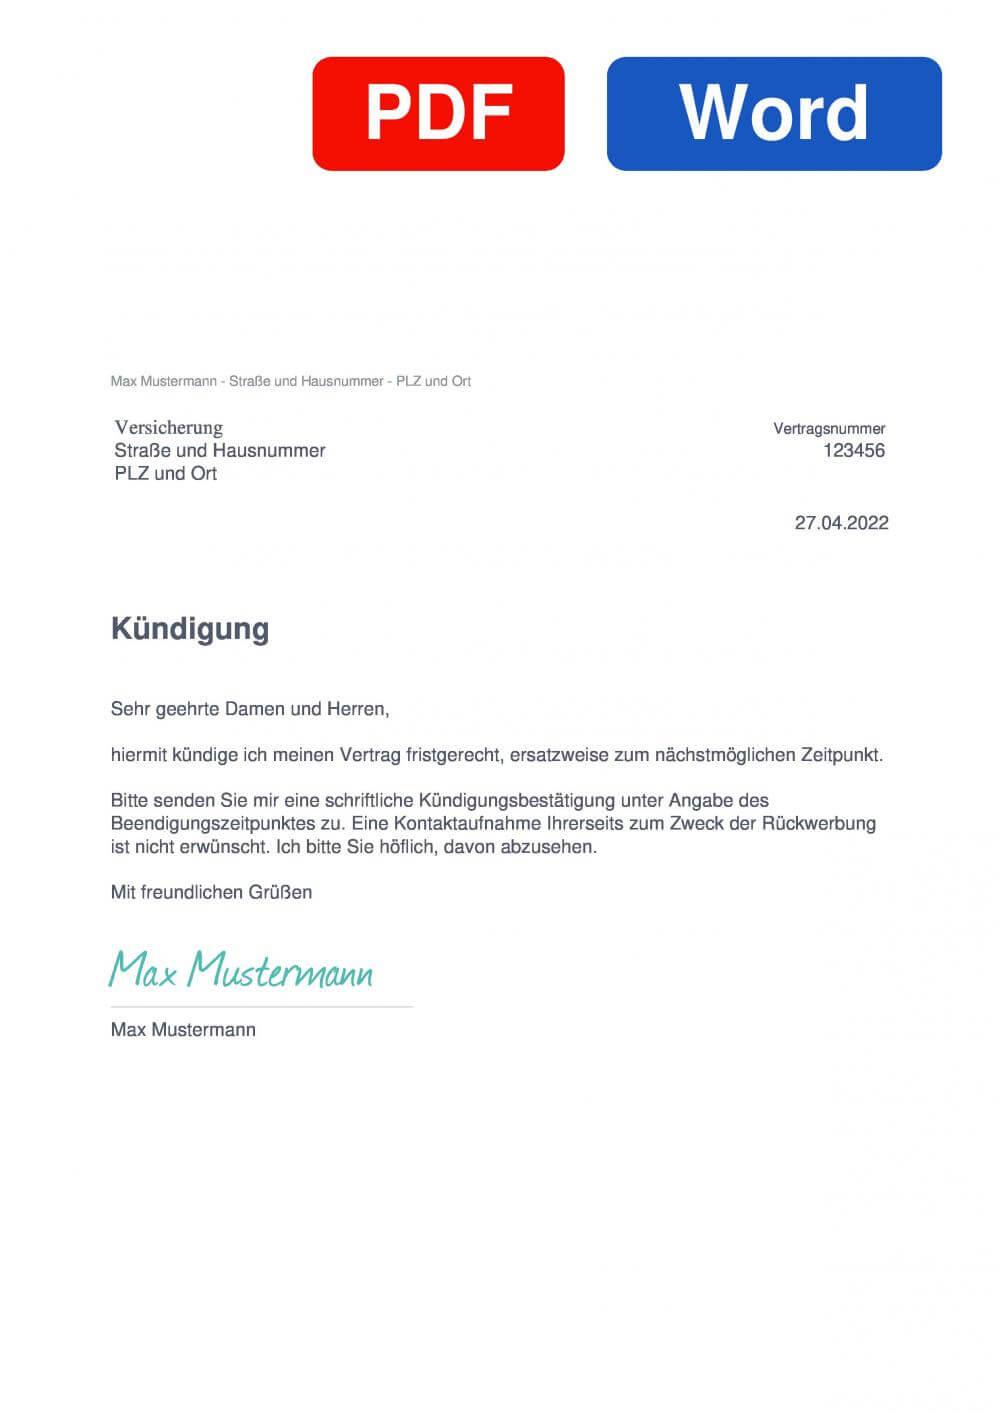 Versicherung Muster Vorlage für Kündigungsschreiben